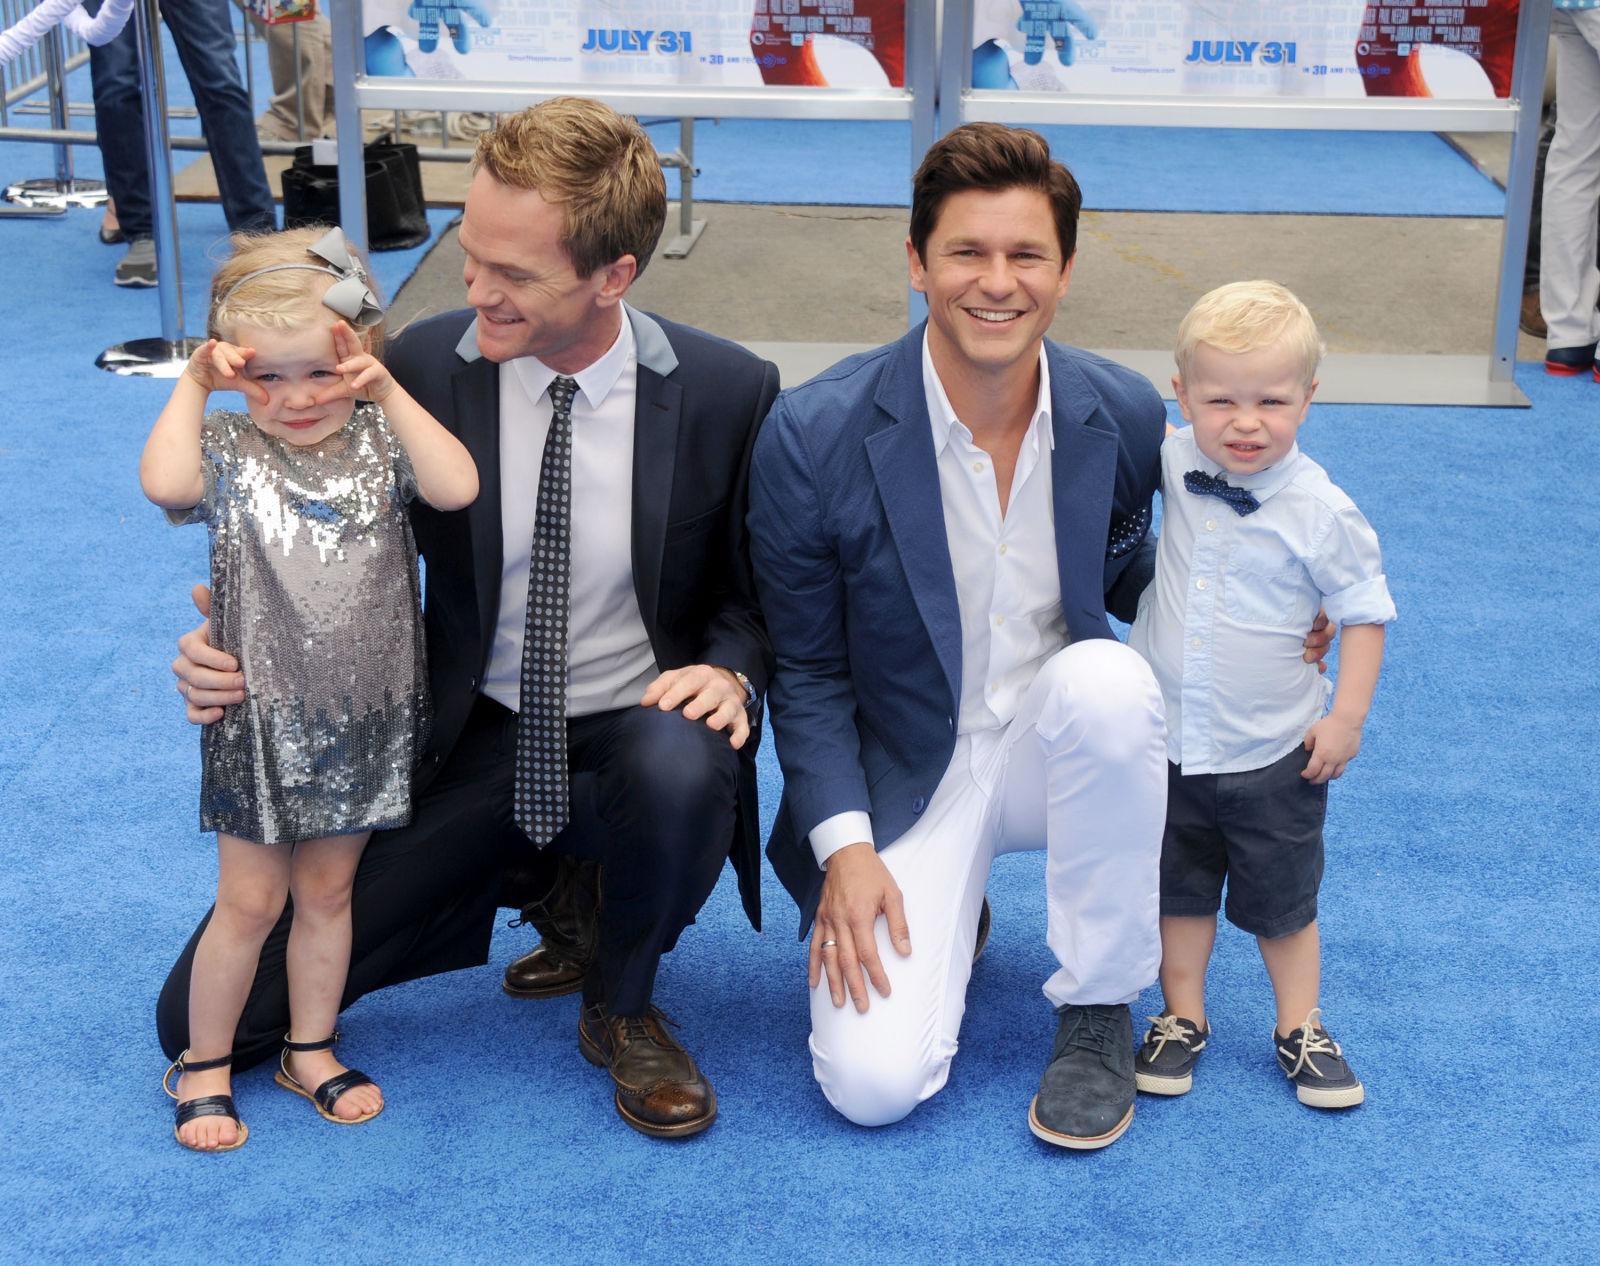 Нил Патрик Харрис и Дэвид Буртка В октябре 2011 года у однополой пары родились близнецы Харпер Грейс